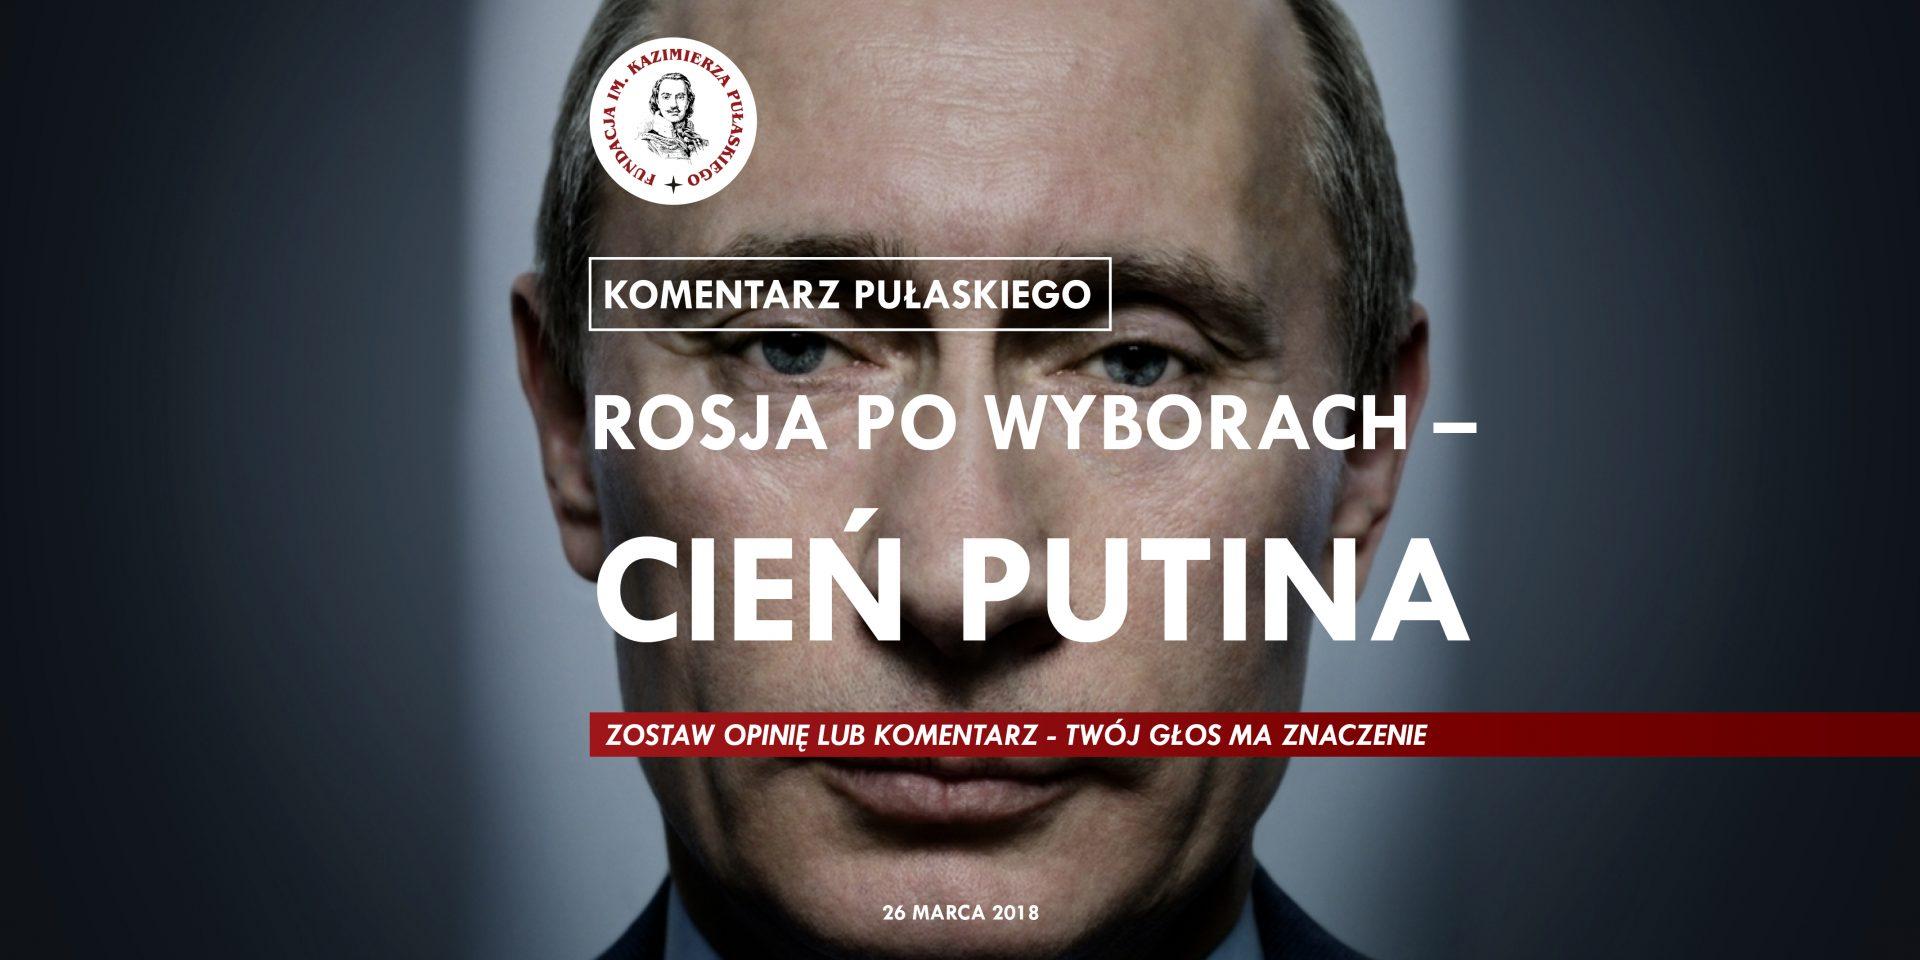 KOMENTARZ PUŁASKIEGO – R. Cheda: Rosja powyborach – cień Putina